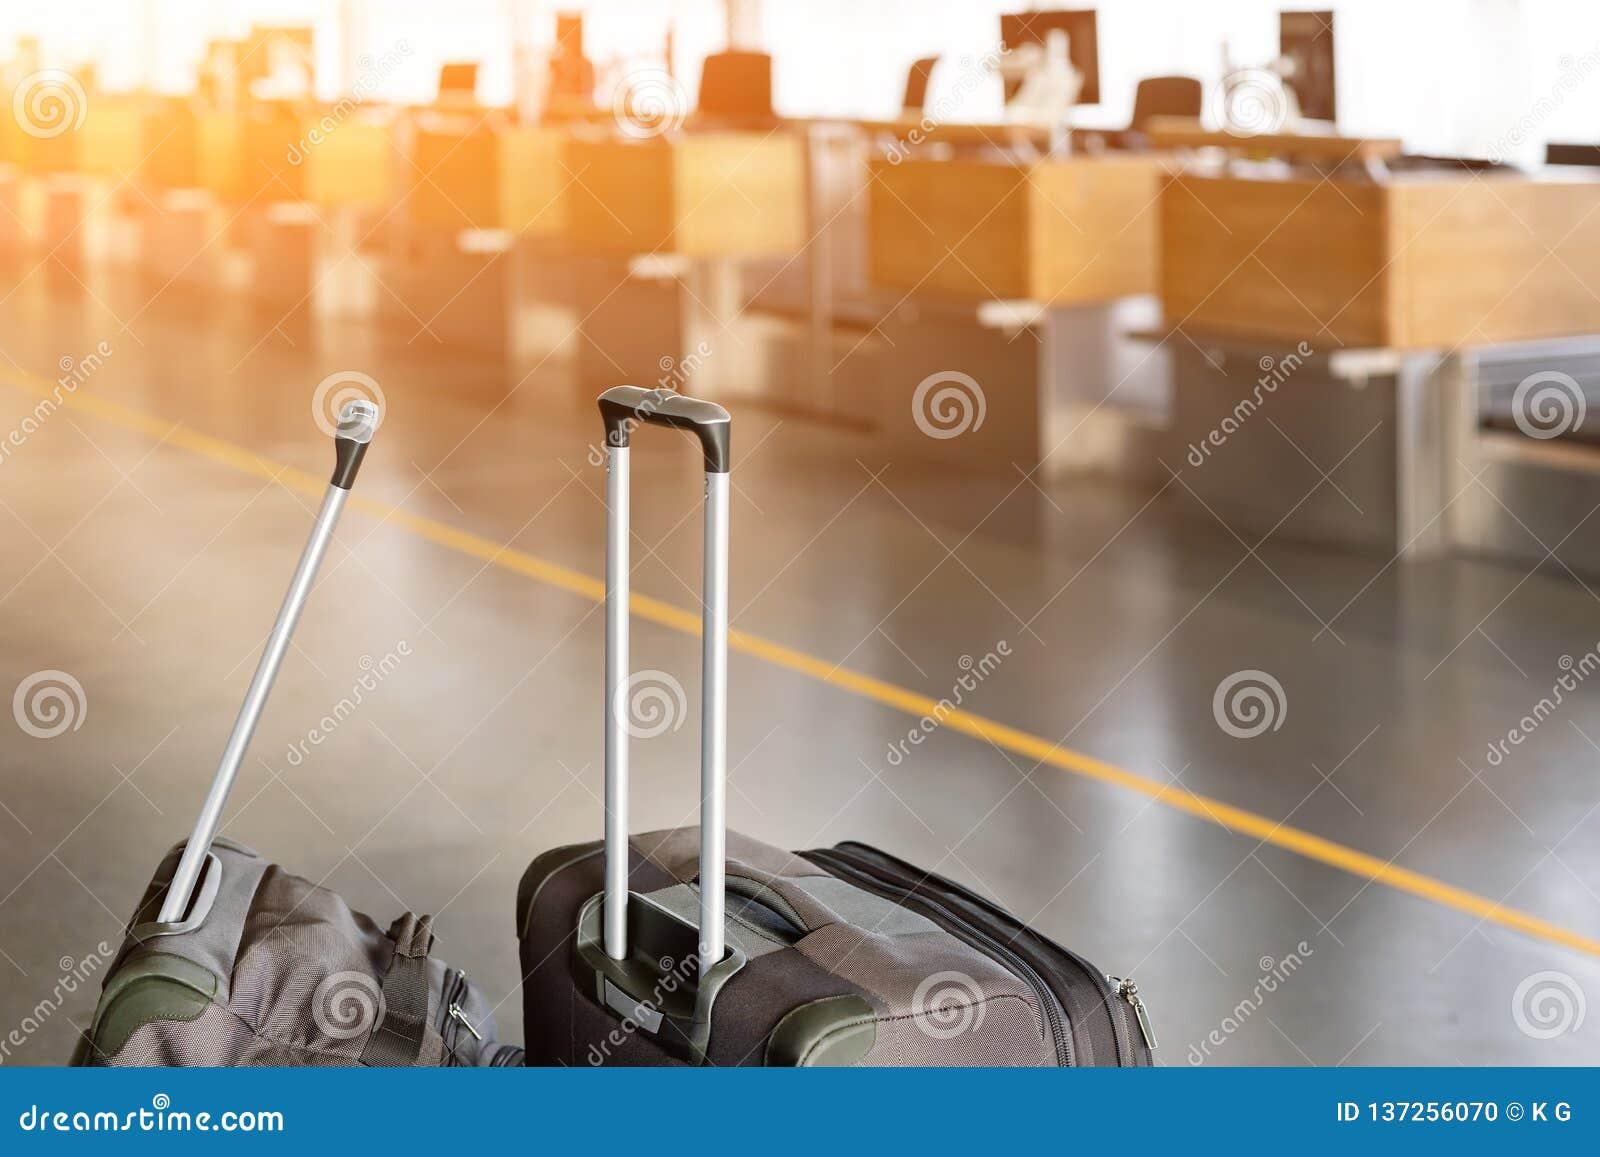 Maletas del equipaje en el terminal de aeropuerto con el mostrador de facturación vacío